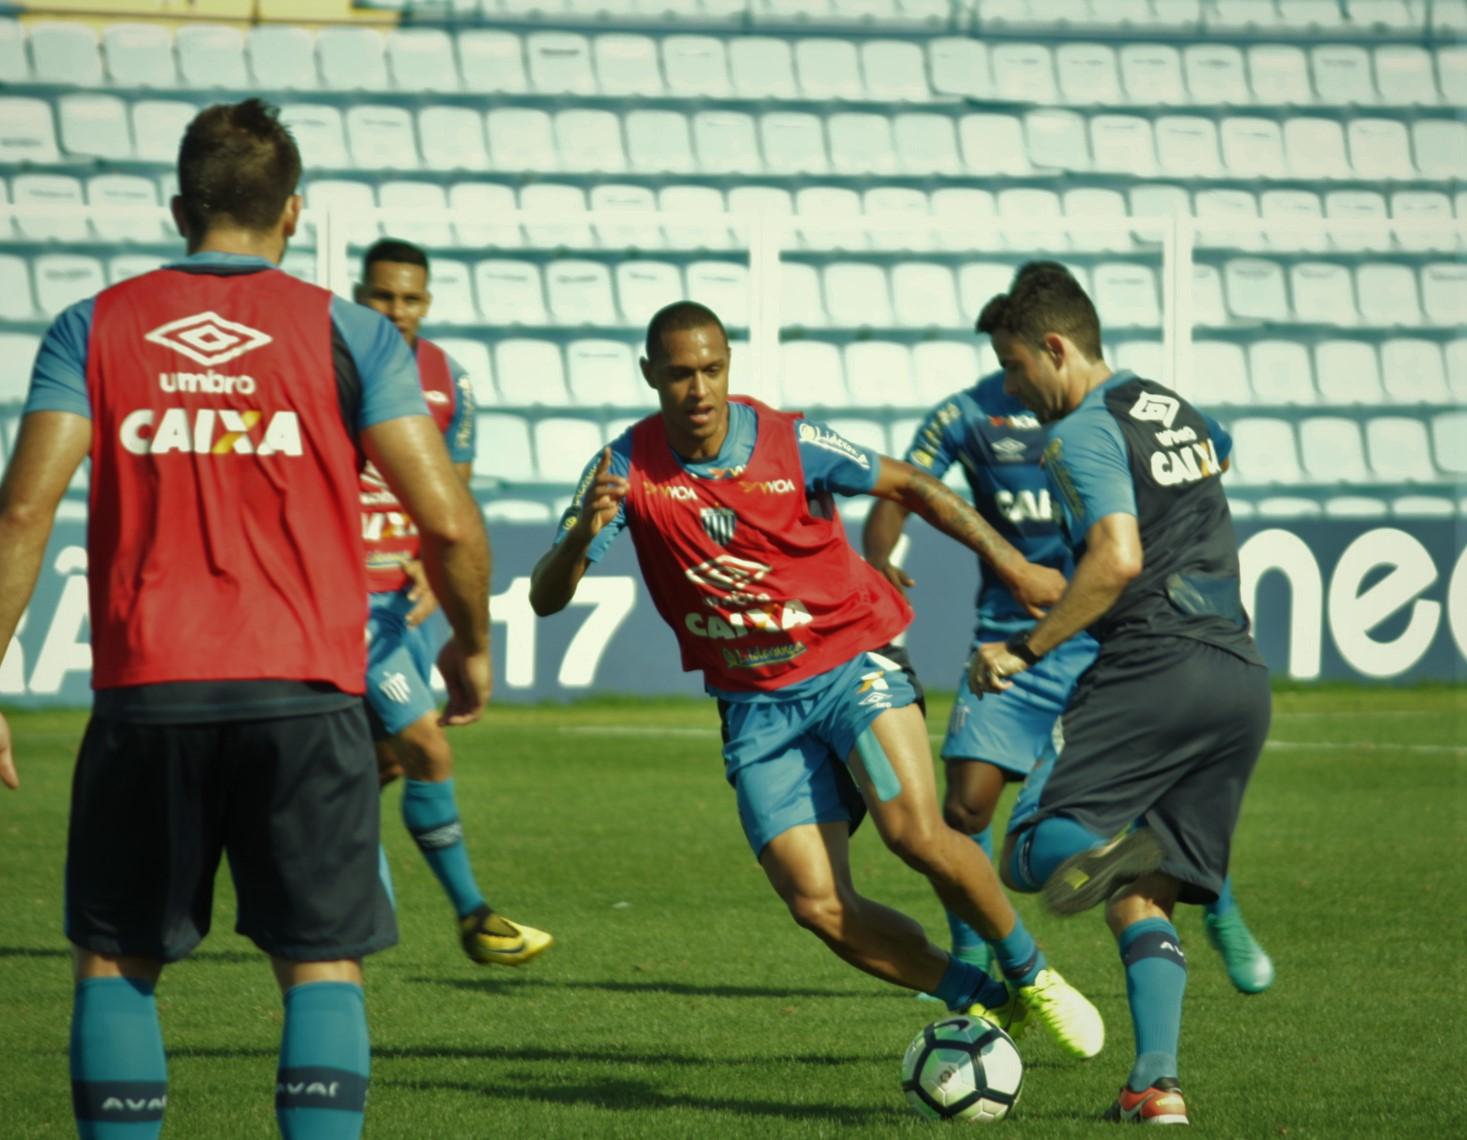 Sem tempo para descanso, elenco avaiano se prepara para enfrentar o Corinthians